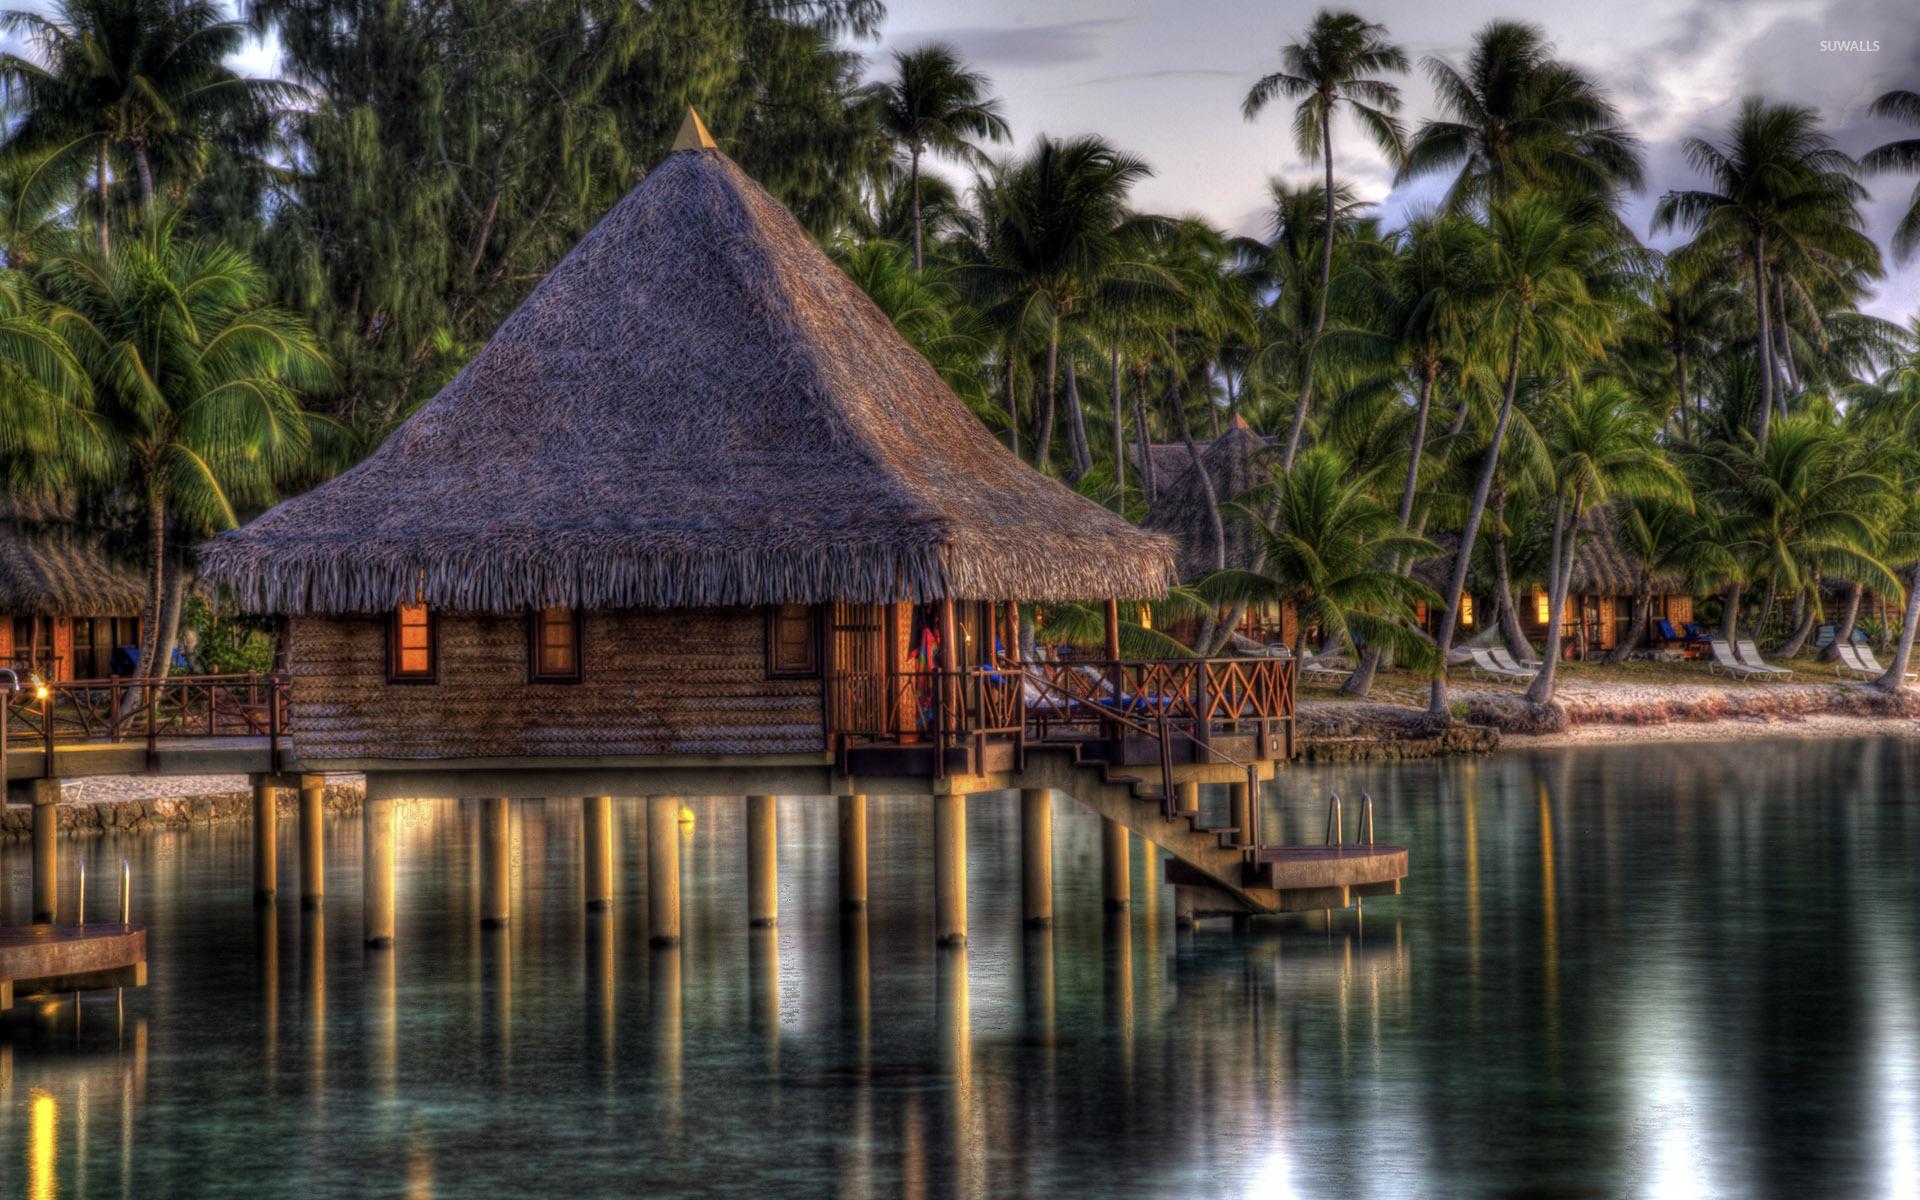 Hut In Maldives Wallpaper - Attalea Speciosa , HD Wallpaper & Backgrounds